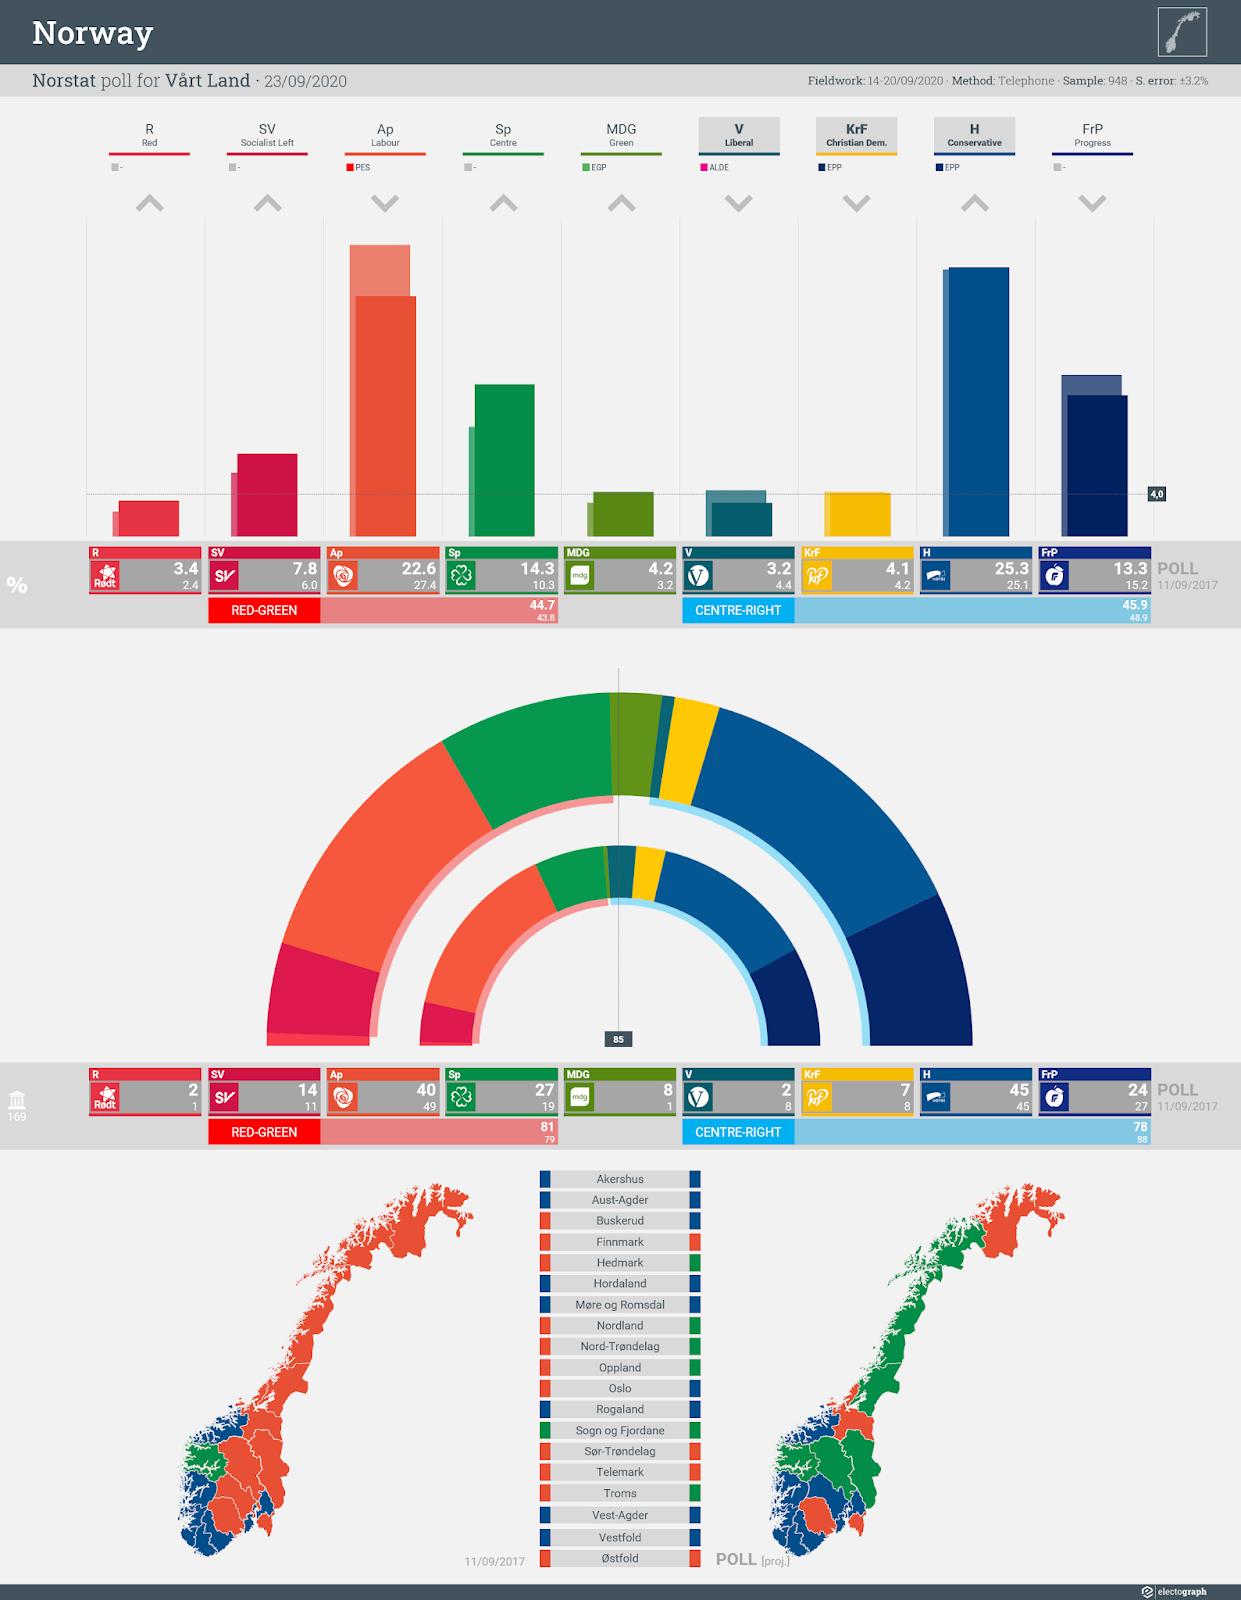 NORWAY: Norstat poll chart for Vårt Land, 23 September 2020